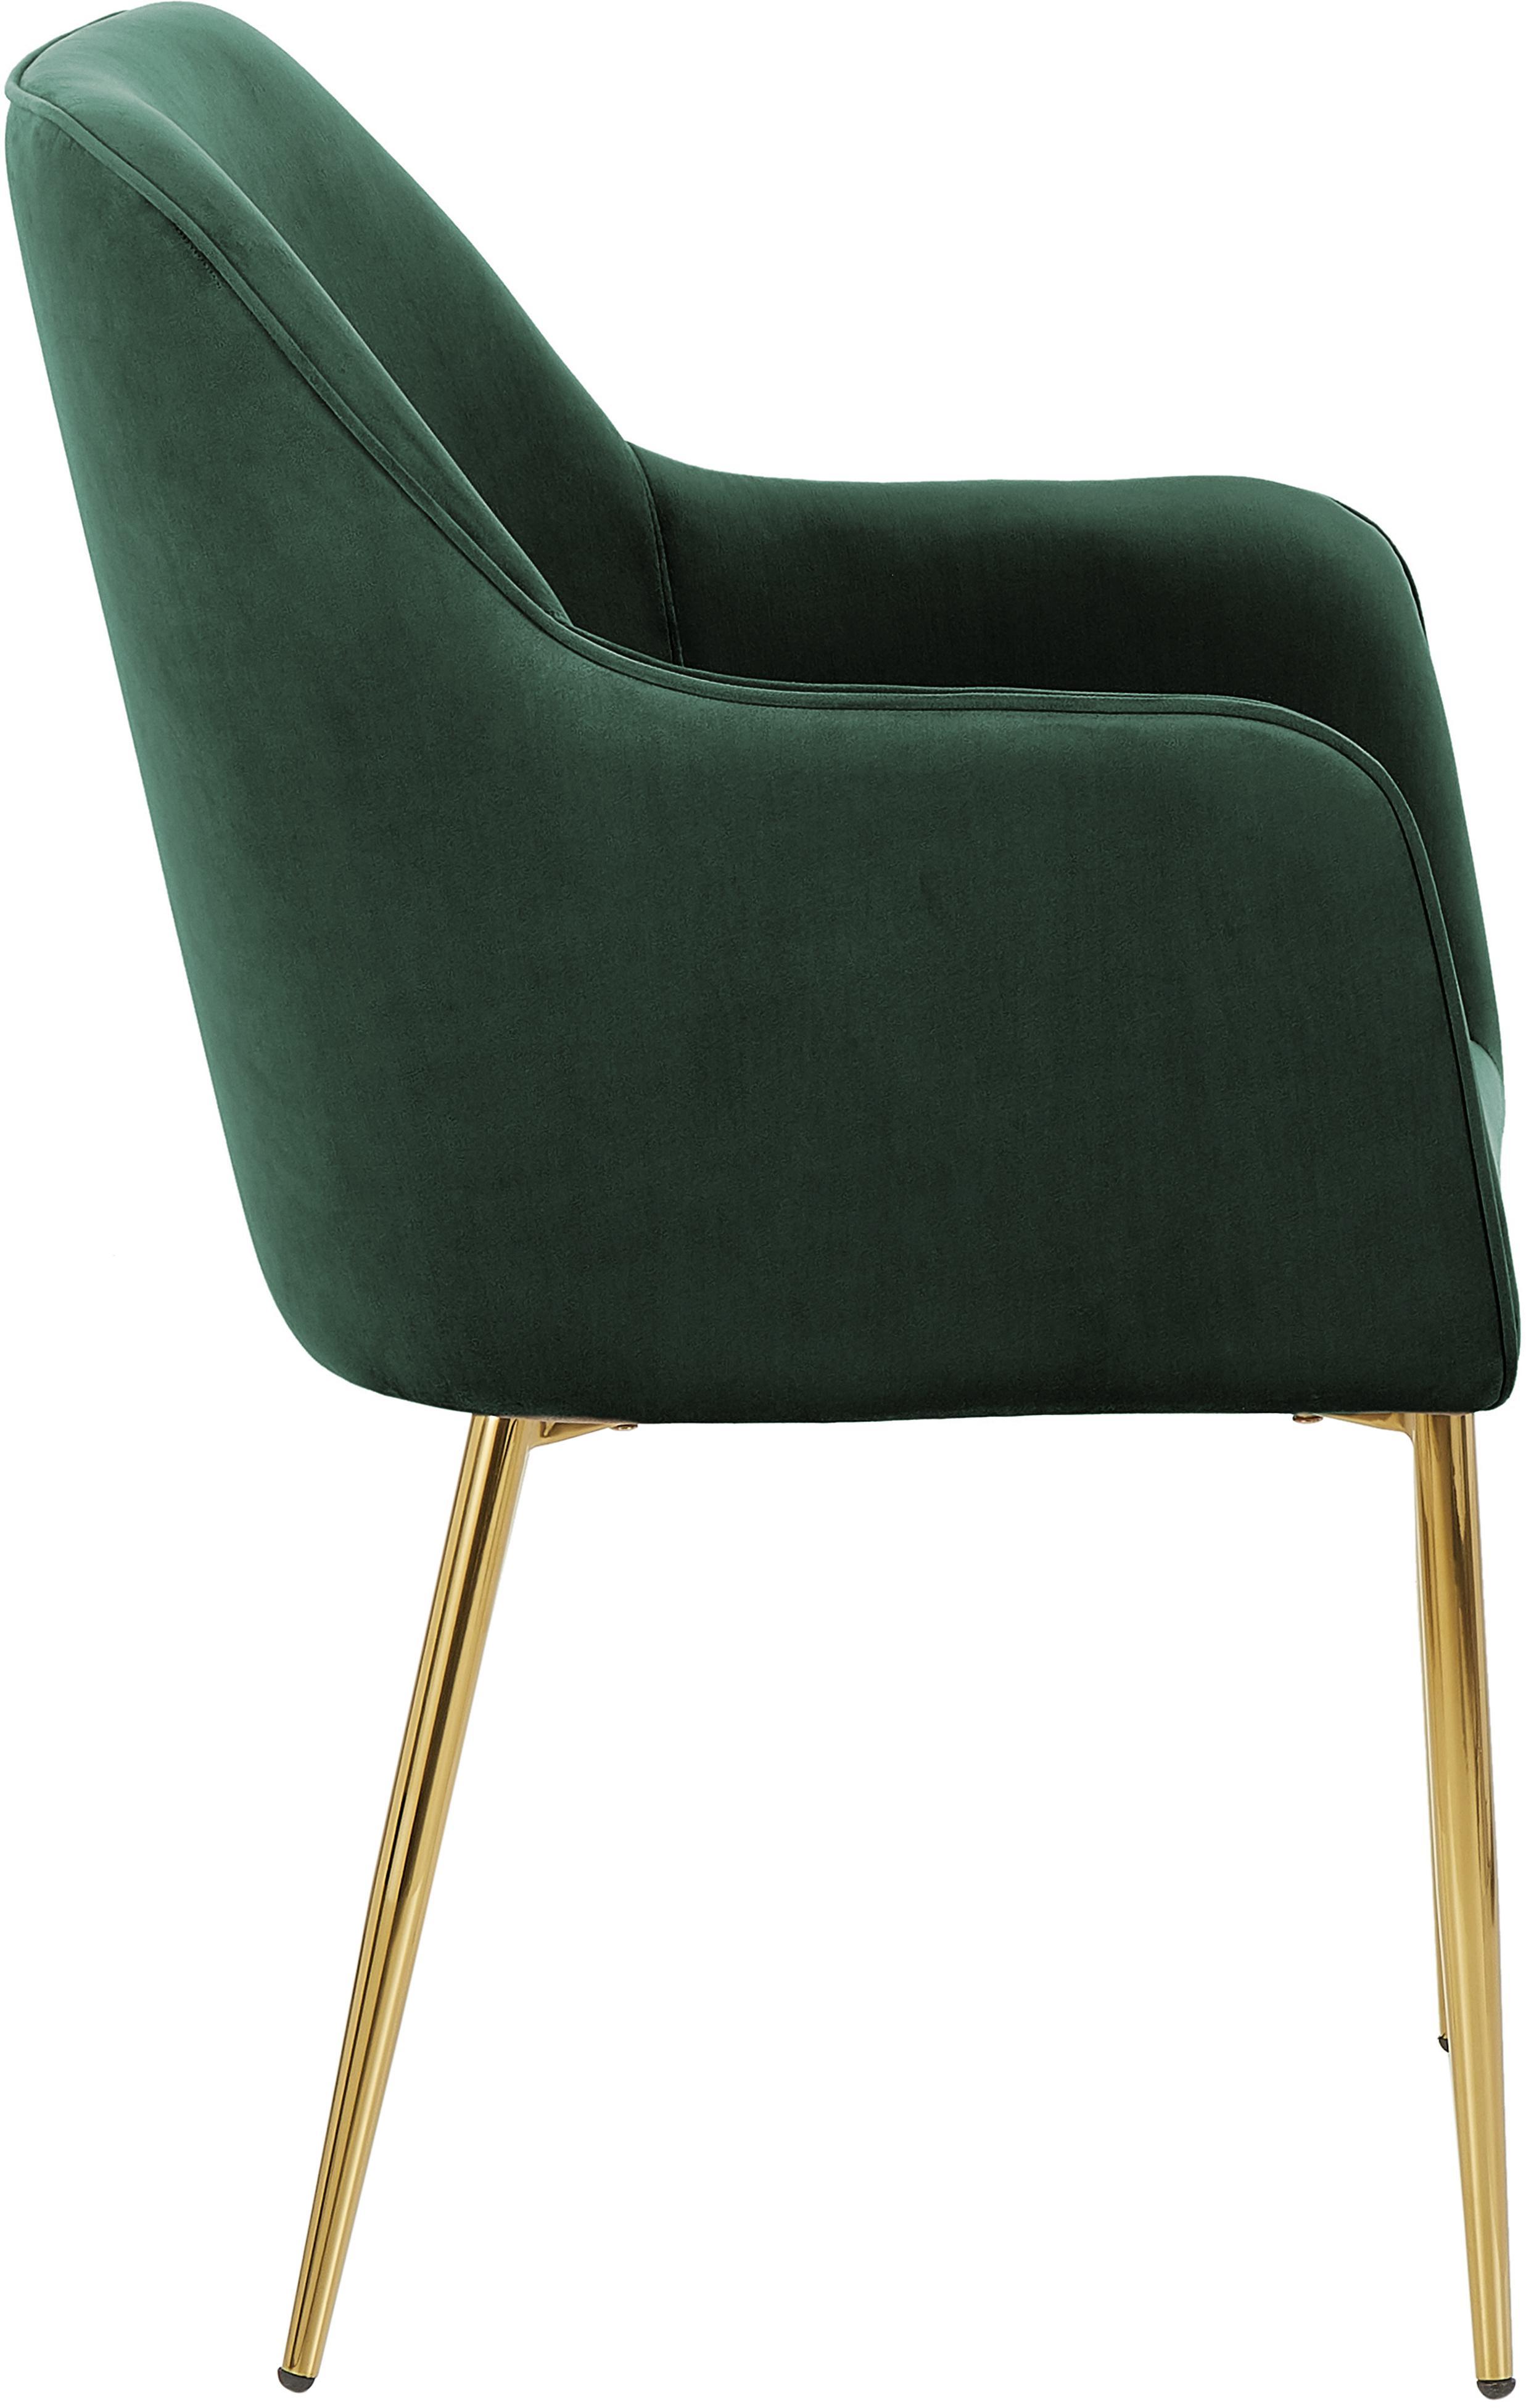 Samt-Armlehnstuhl Ava mit goldfarbenen Beinen, Bezug: Samt (Polyester) 50.000 S, Beine: Metall, galvanisiert, Samt Dunkelgrün, Beine Gold, B 57 x T 63 cm